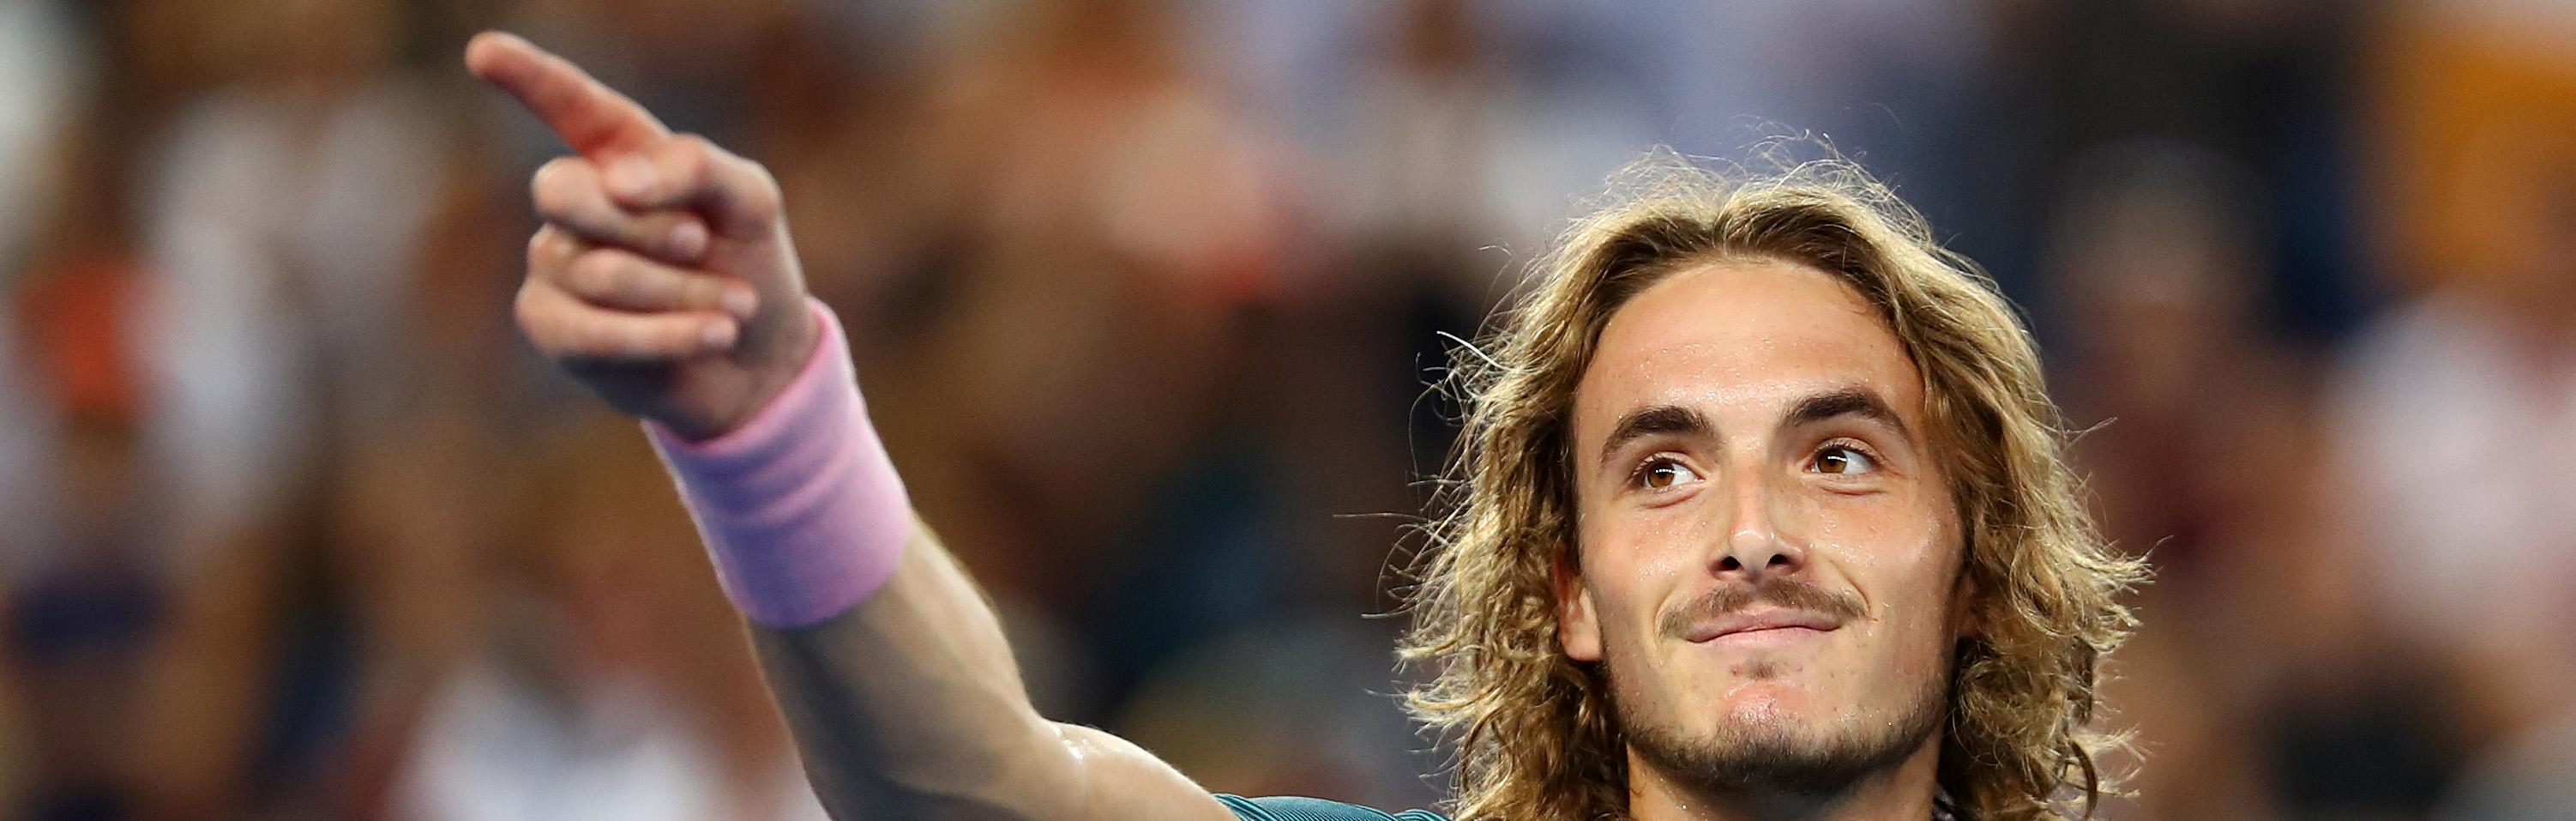 US Open, day 2: ostacolo Gasquet per Berrettini, Tsitsipas rischia con Rublev